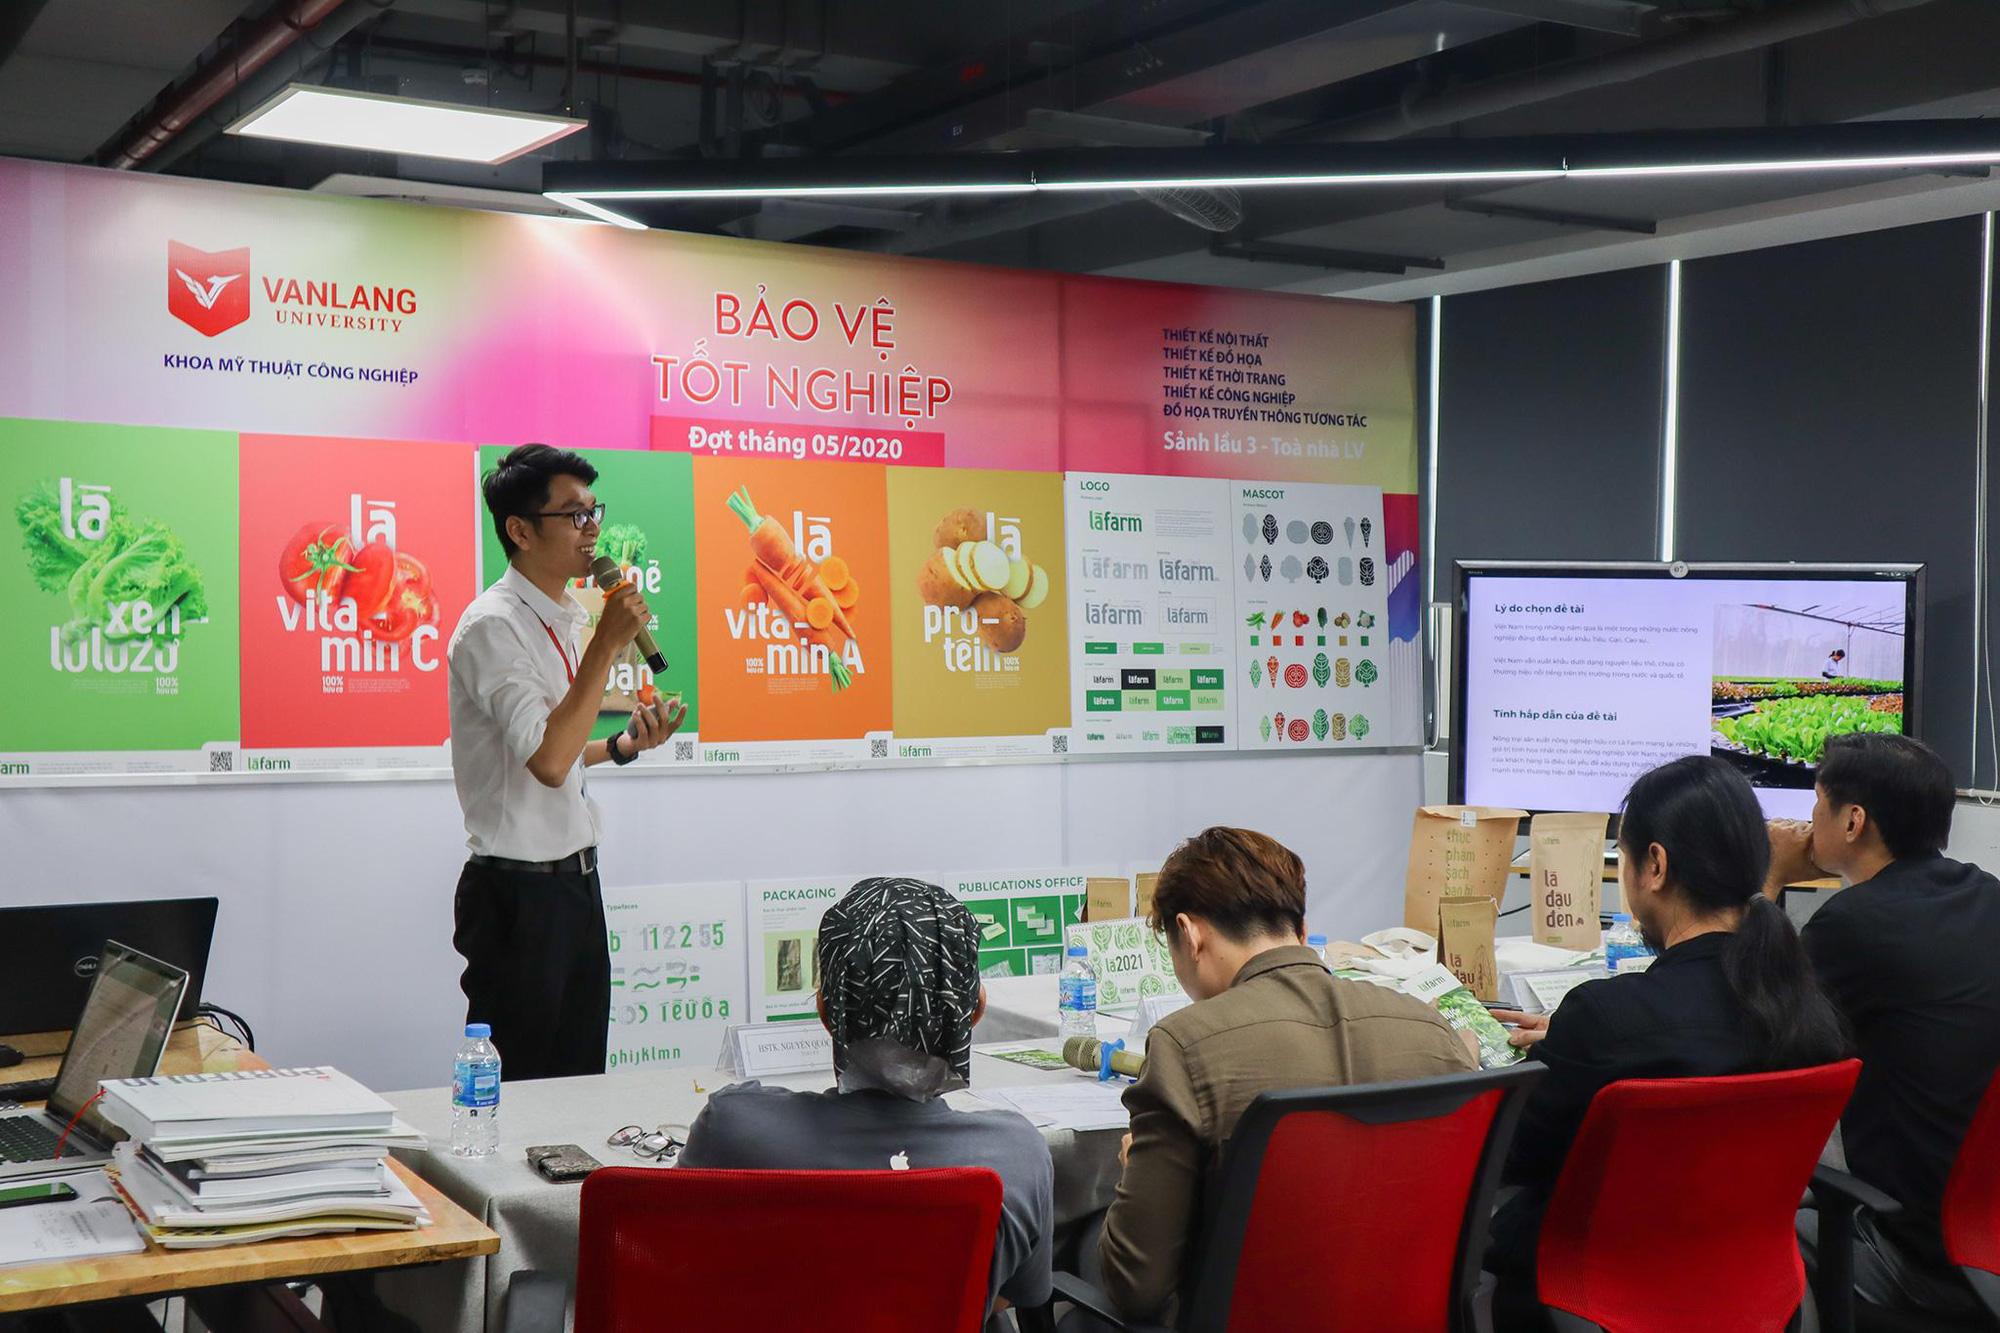 Đại học Văn Lang chính thức công bố đào tạo ngành Thiết kế Mỹ thuật số - Ảnh 1.